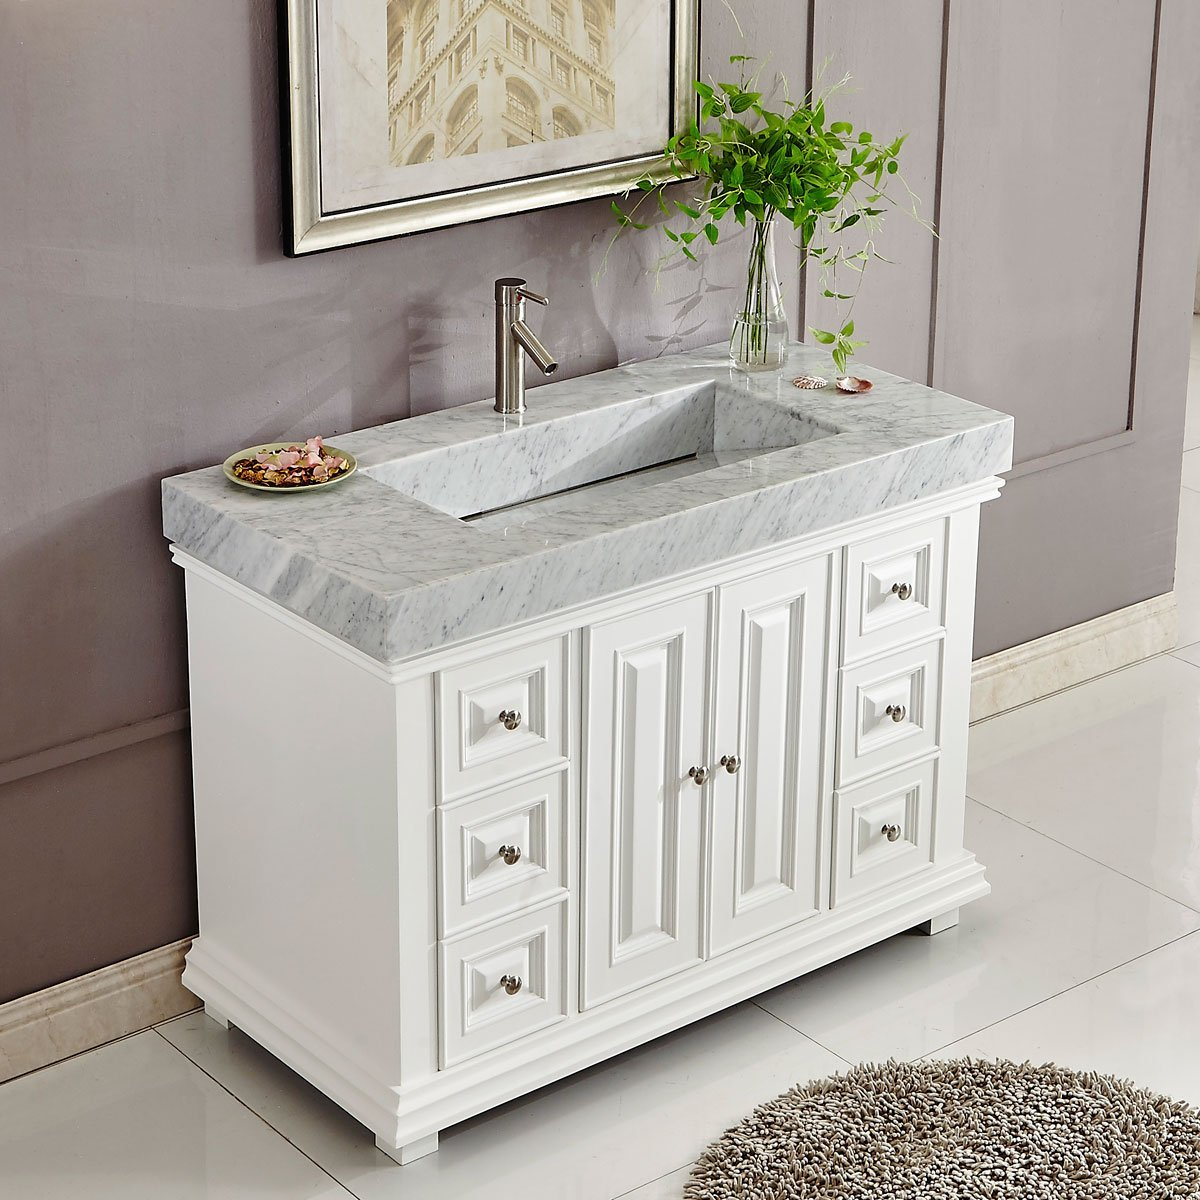 48 inch white finish contemporary